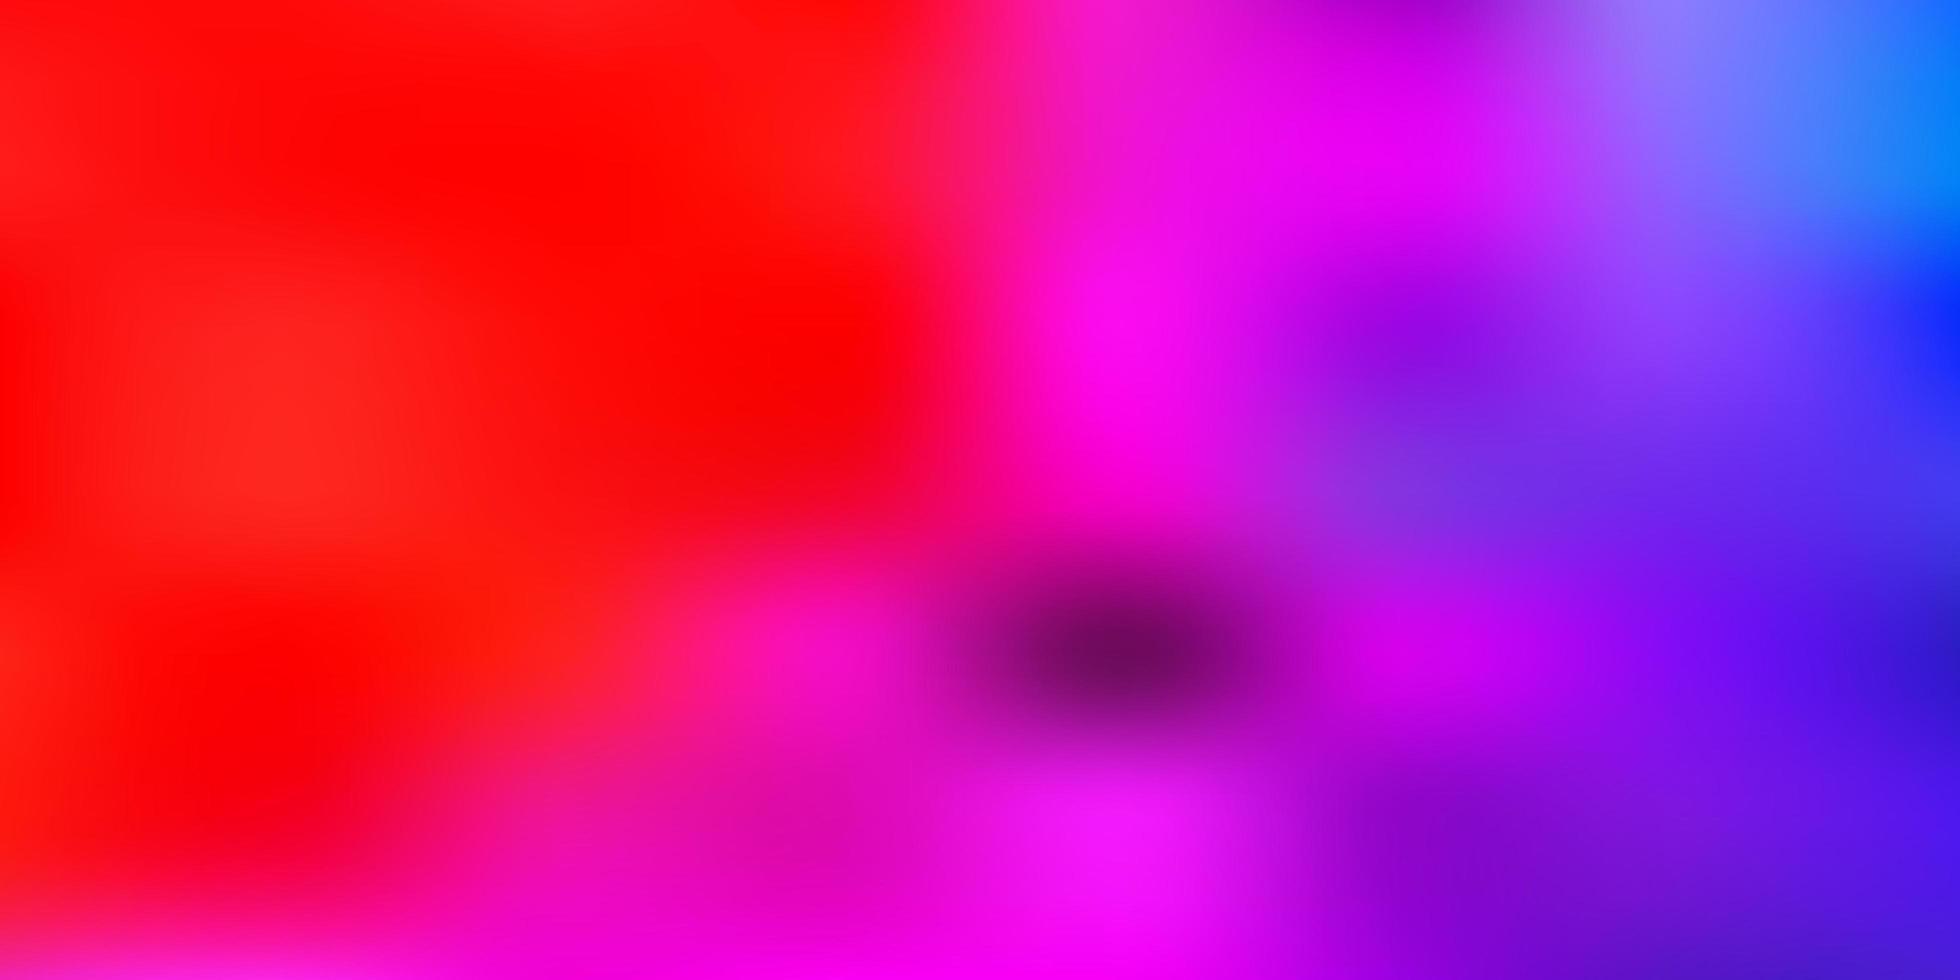 fundo azul claro vermelho desfocado vetor